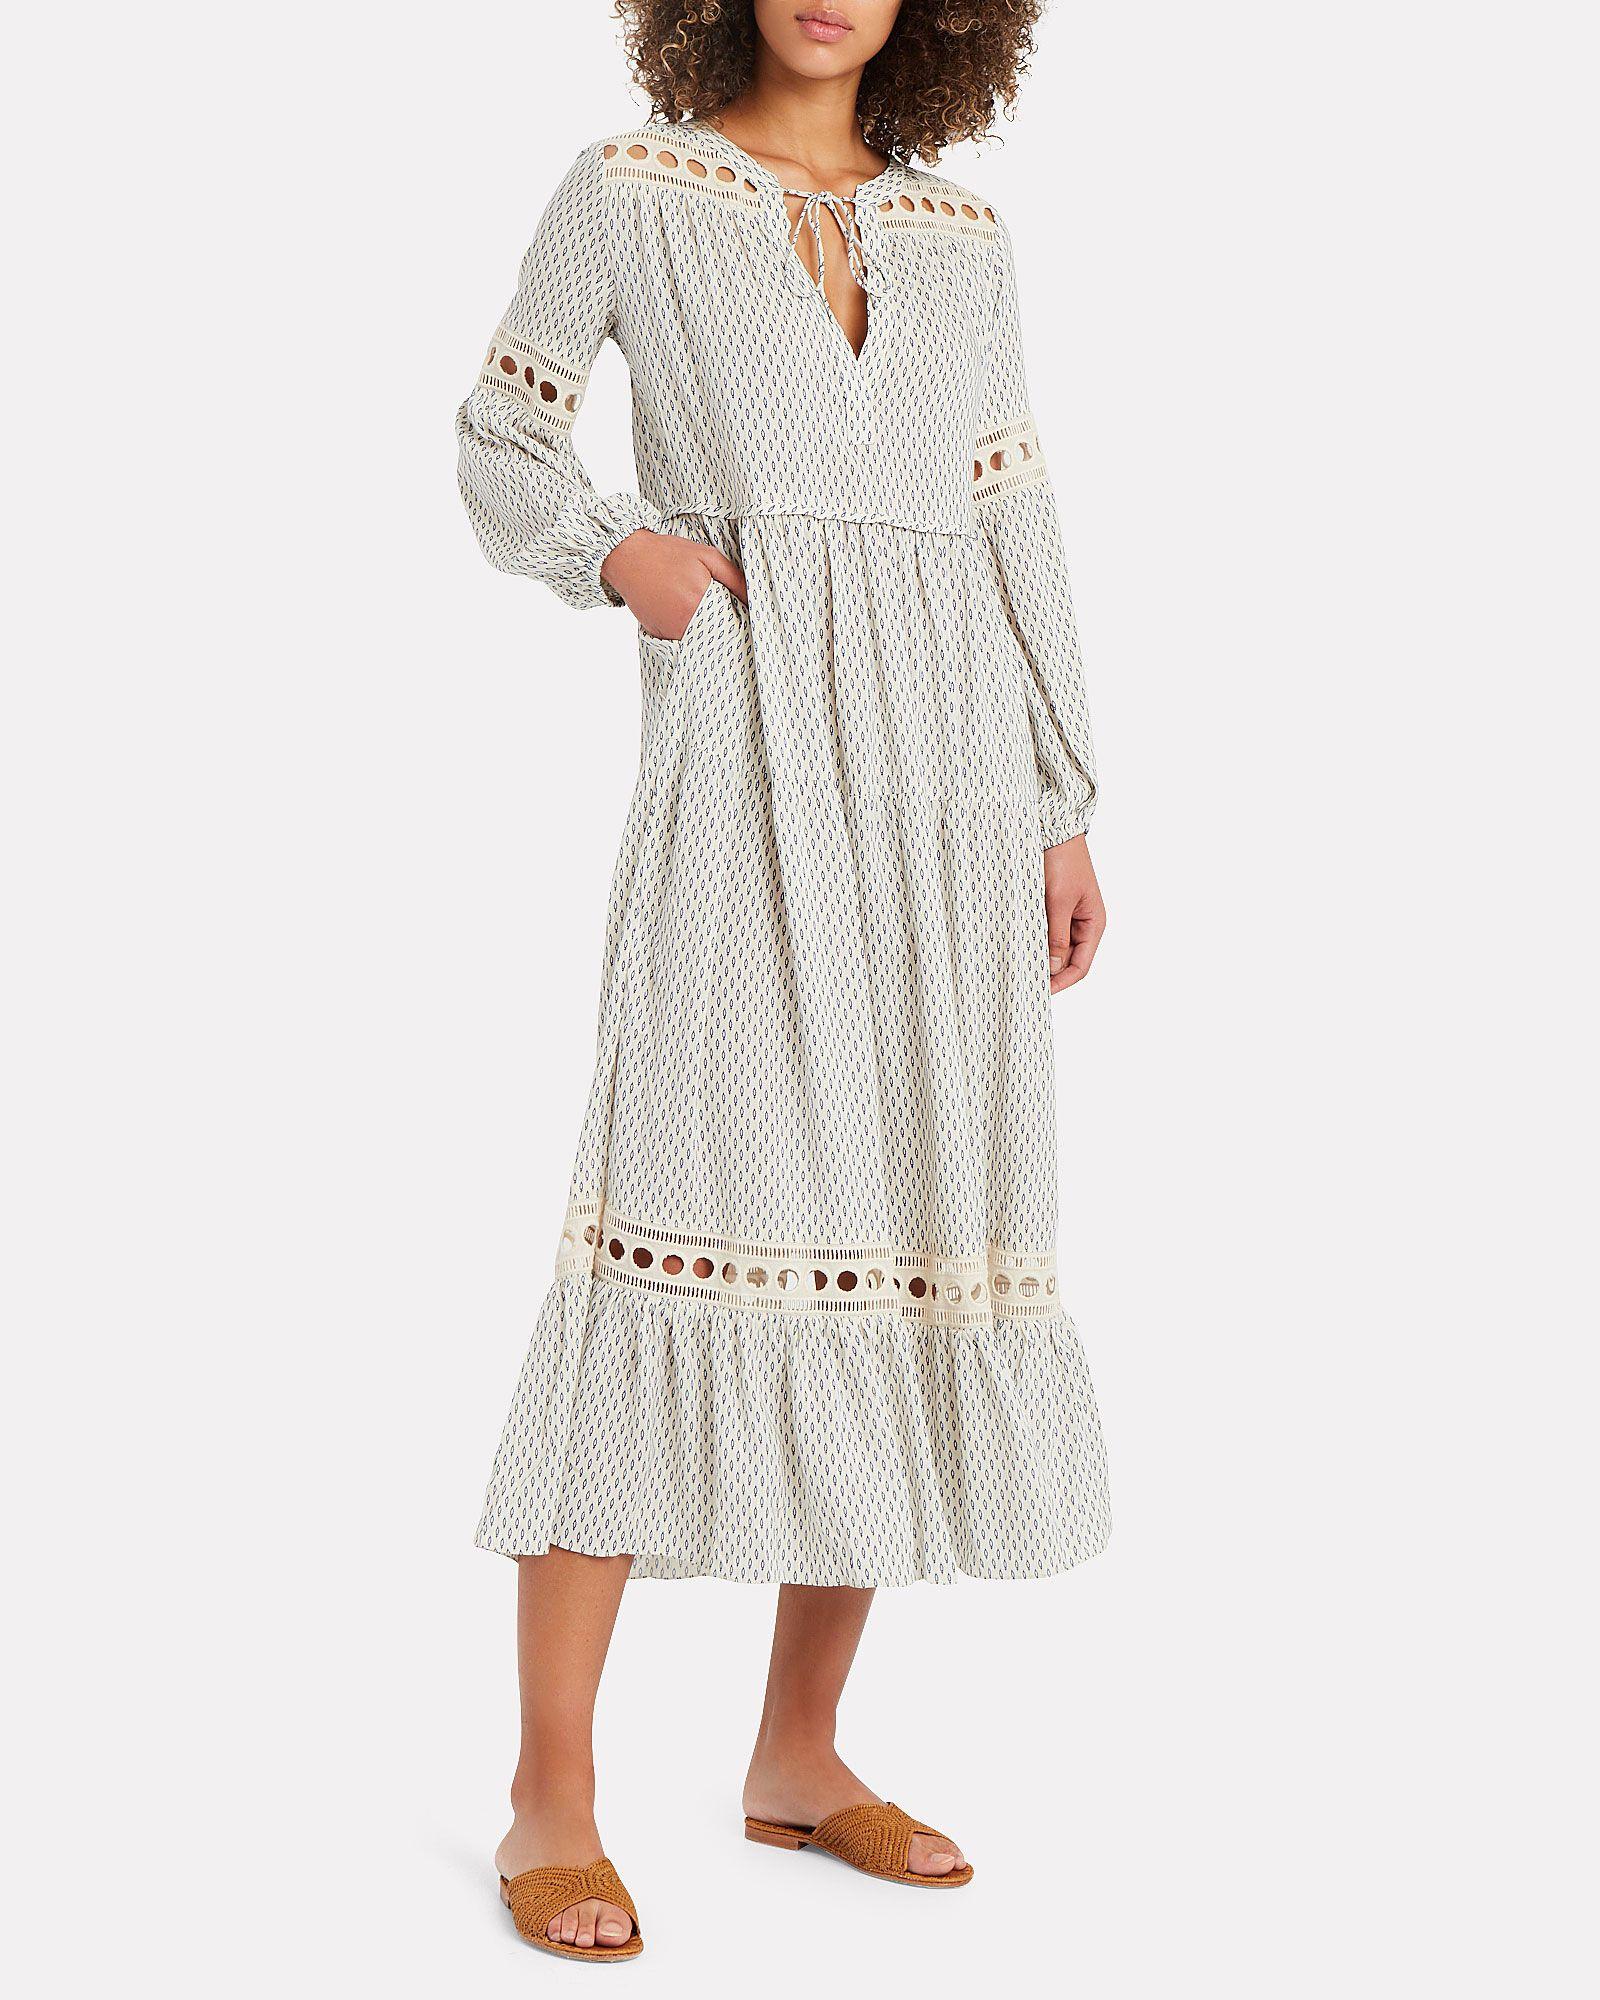 Wibi Peasant Dress Dresses Peasant Dress Maxi Dress [ 2000 x 1600 Pixel ]